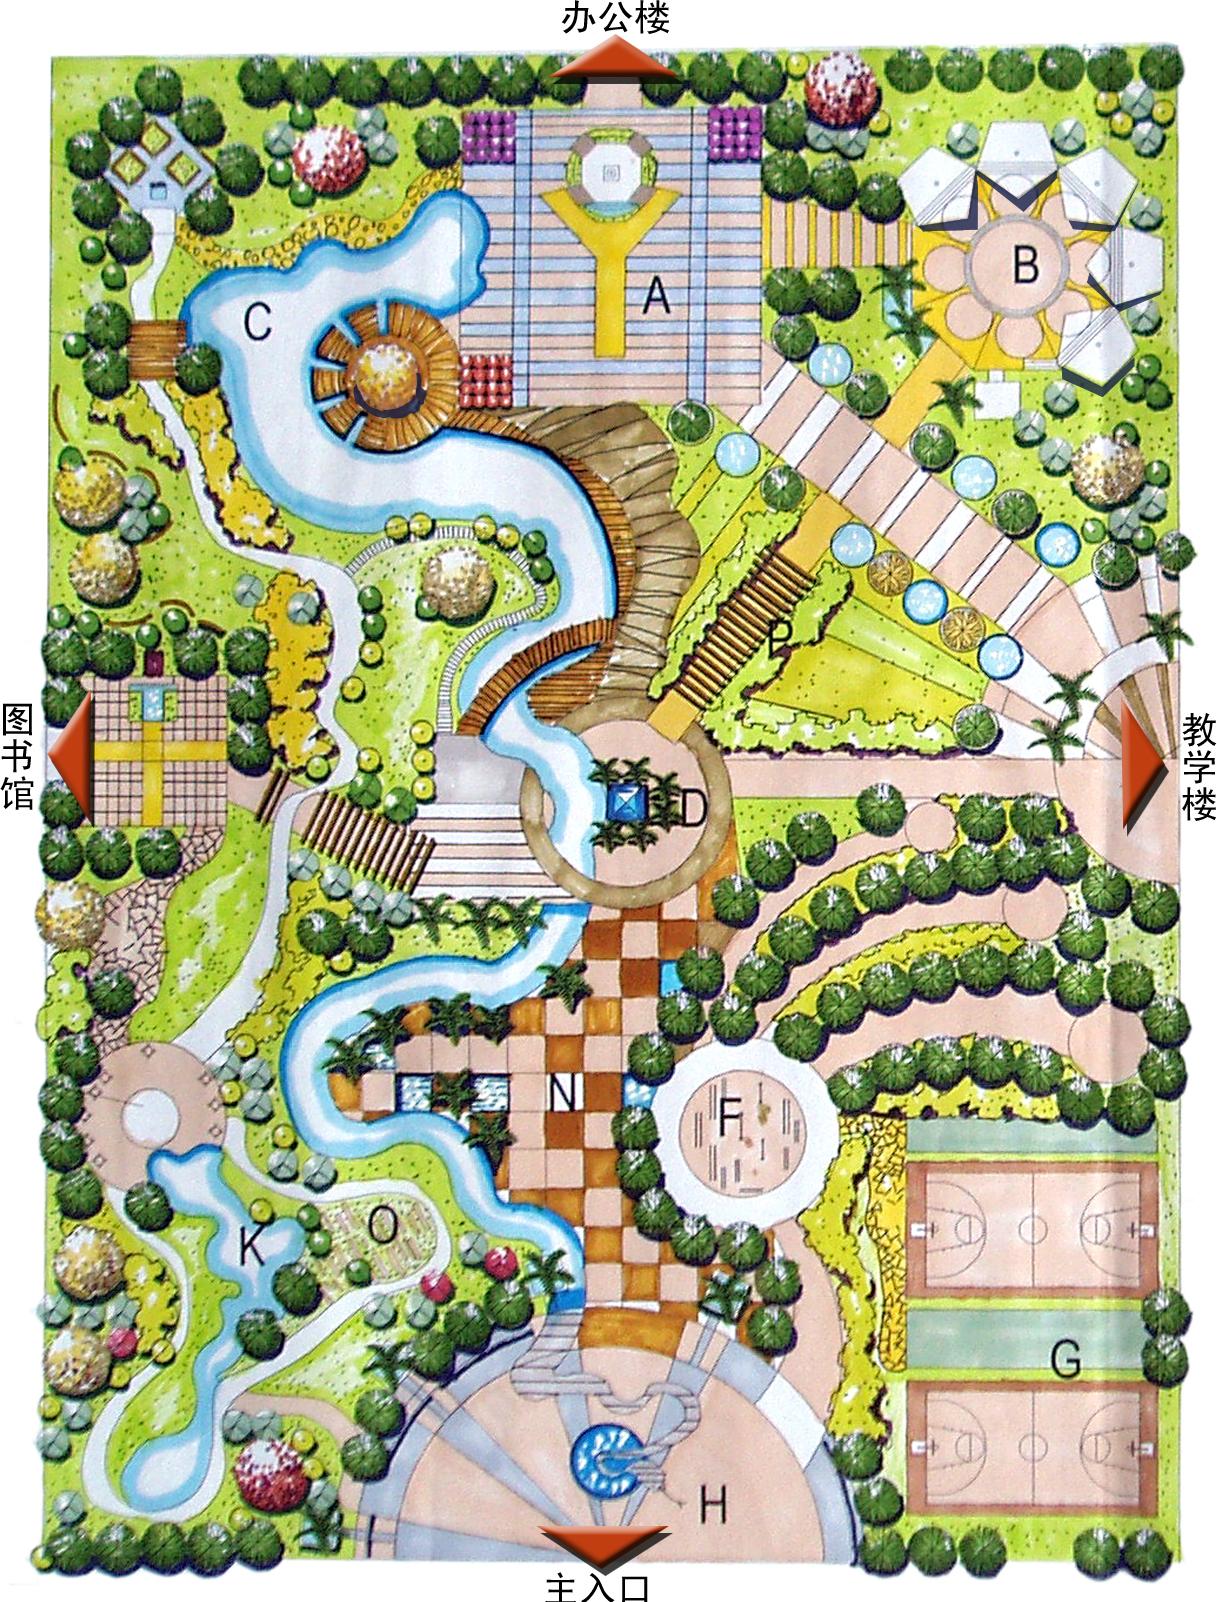 30个校园生态广场手绘效果图